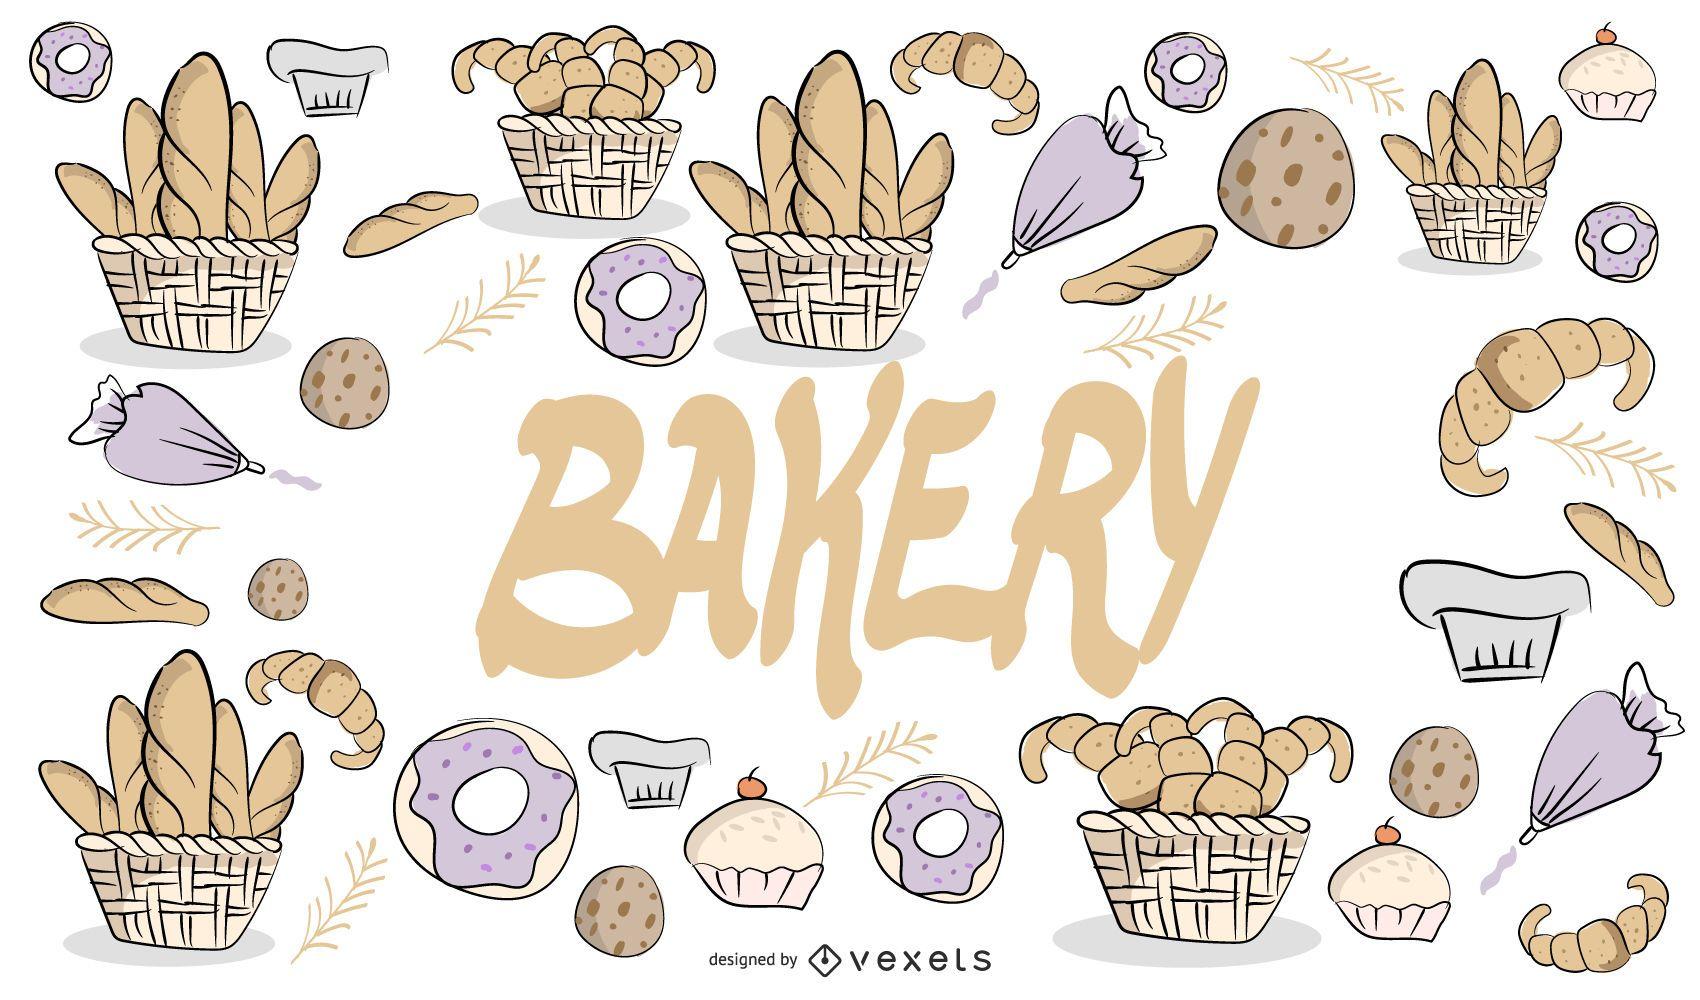 Diseño de panadería dibujado a mano